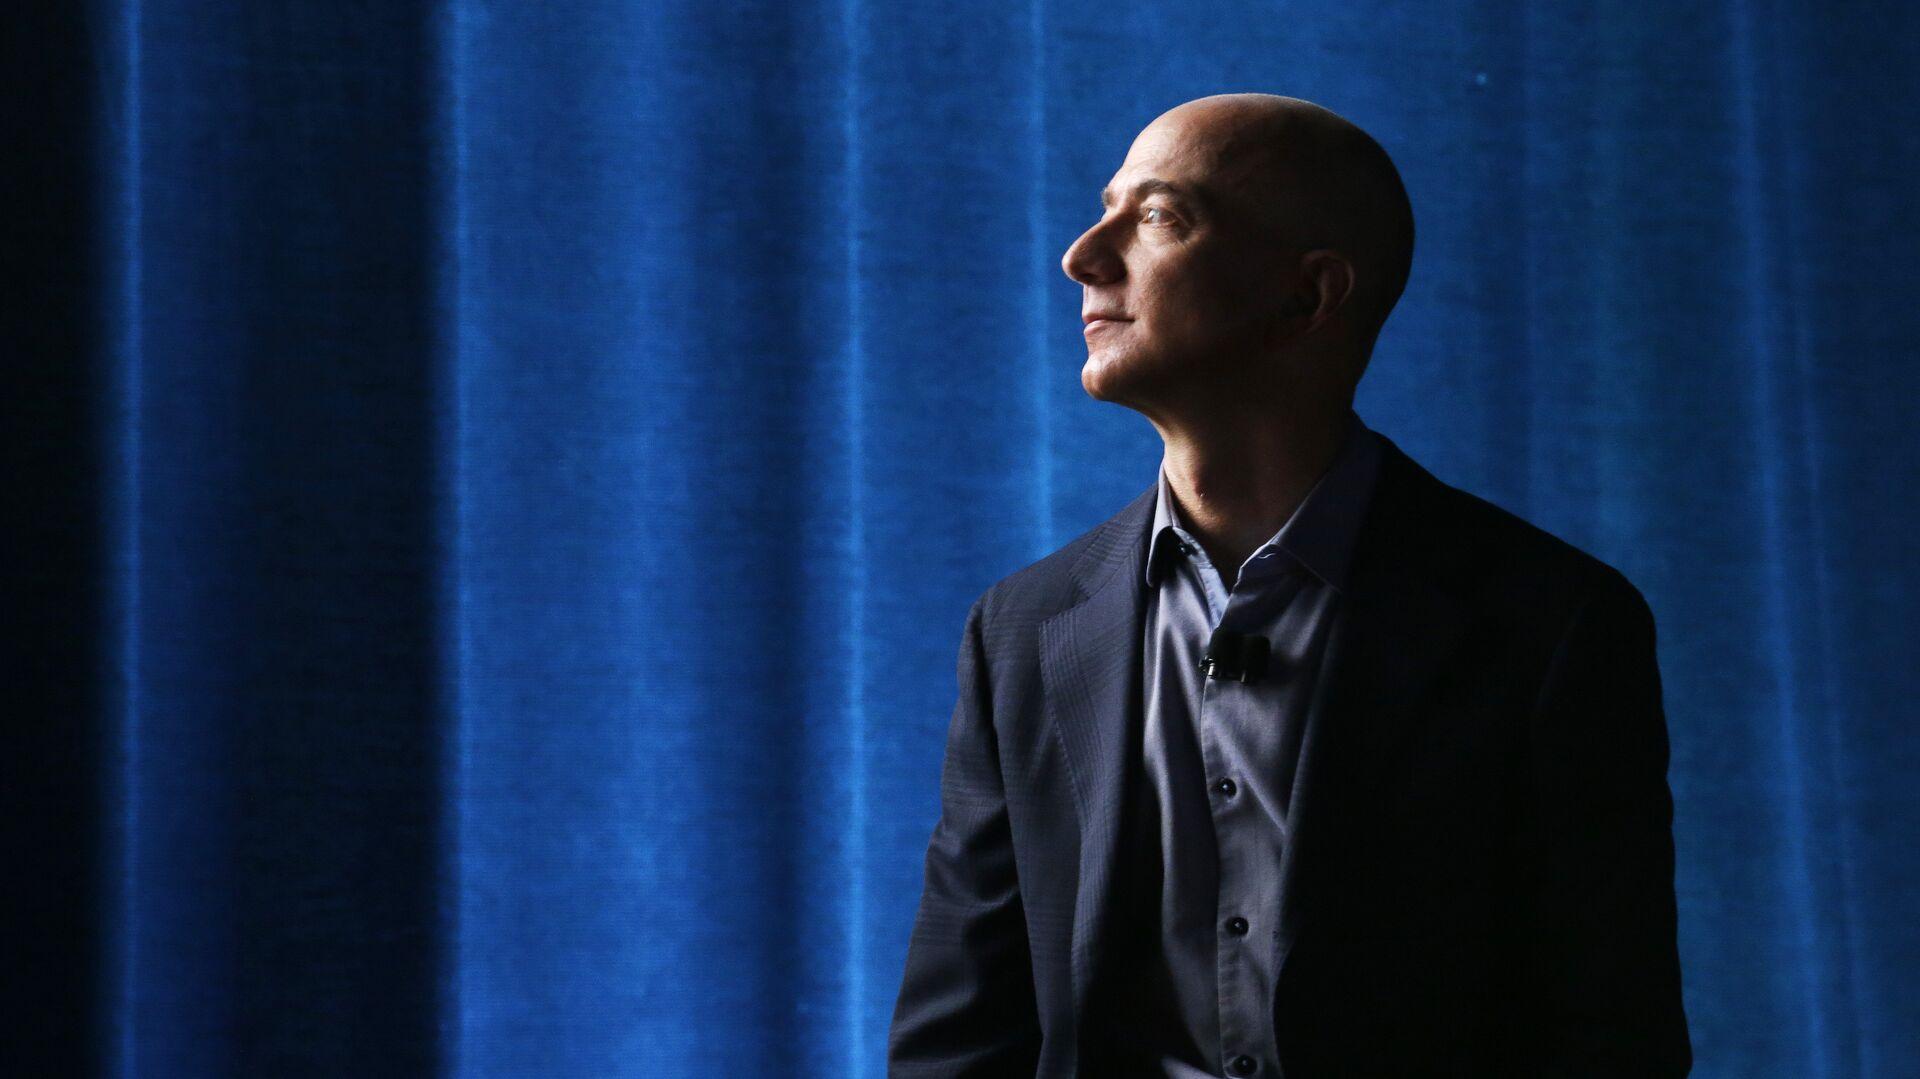 Jeff Bezos, proprietario di Amazon  - Sputnik Italia, 1920, 07.09.2021